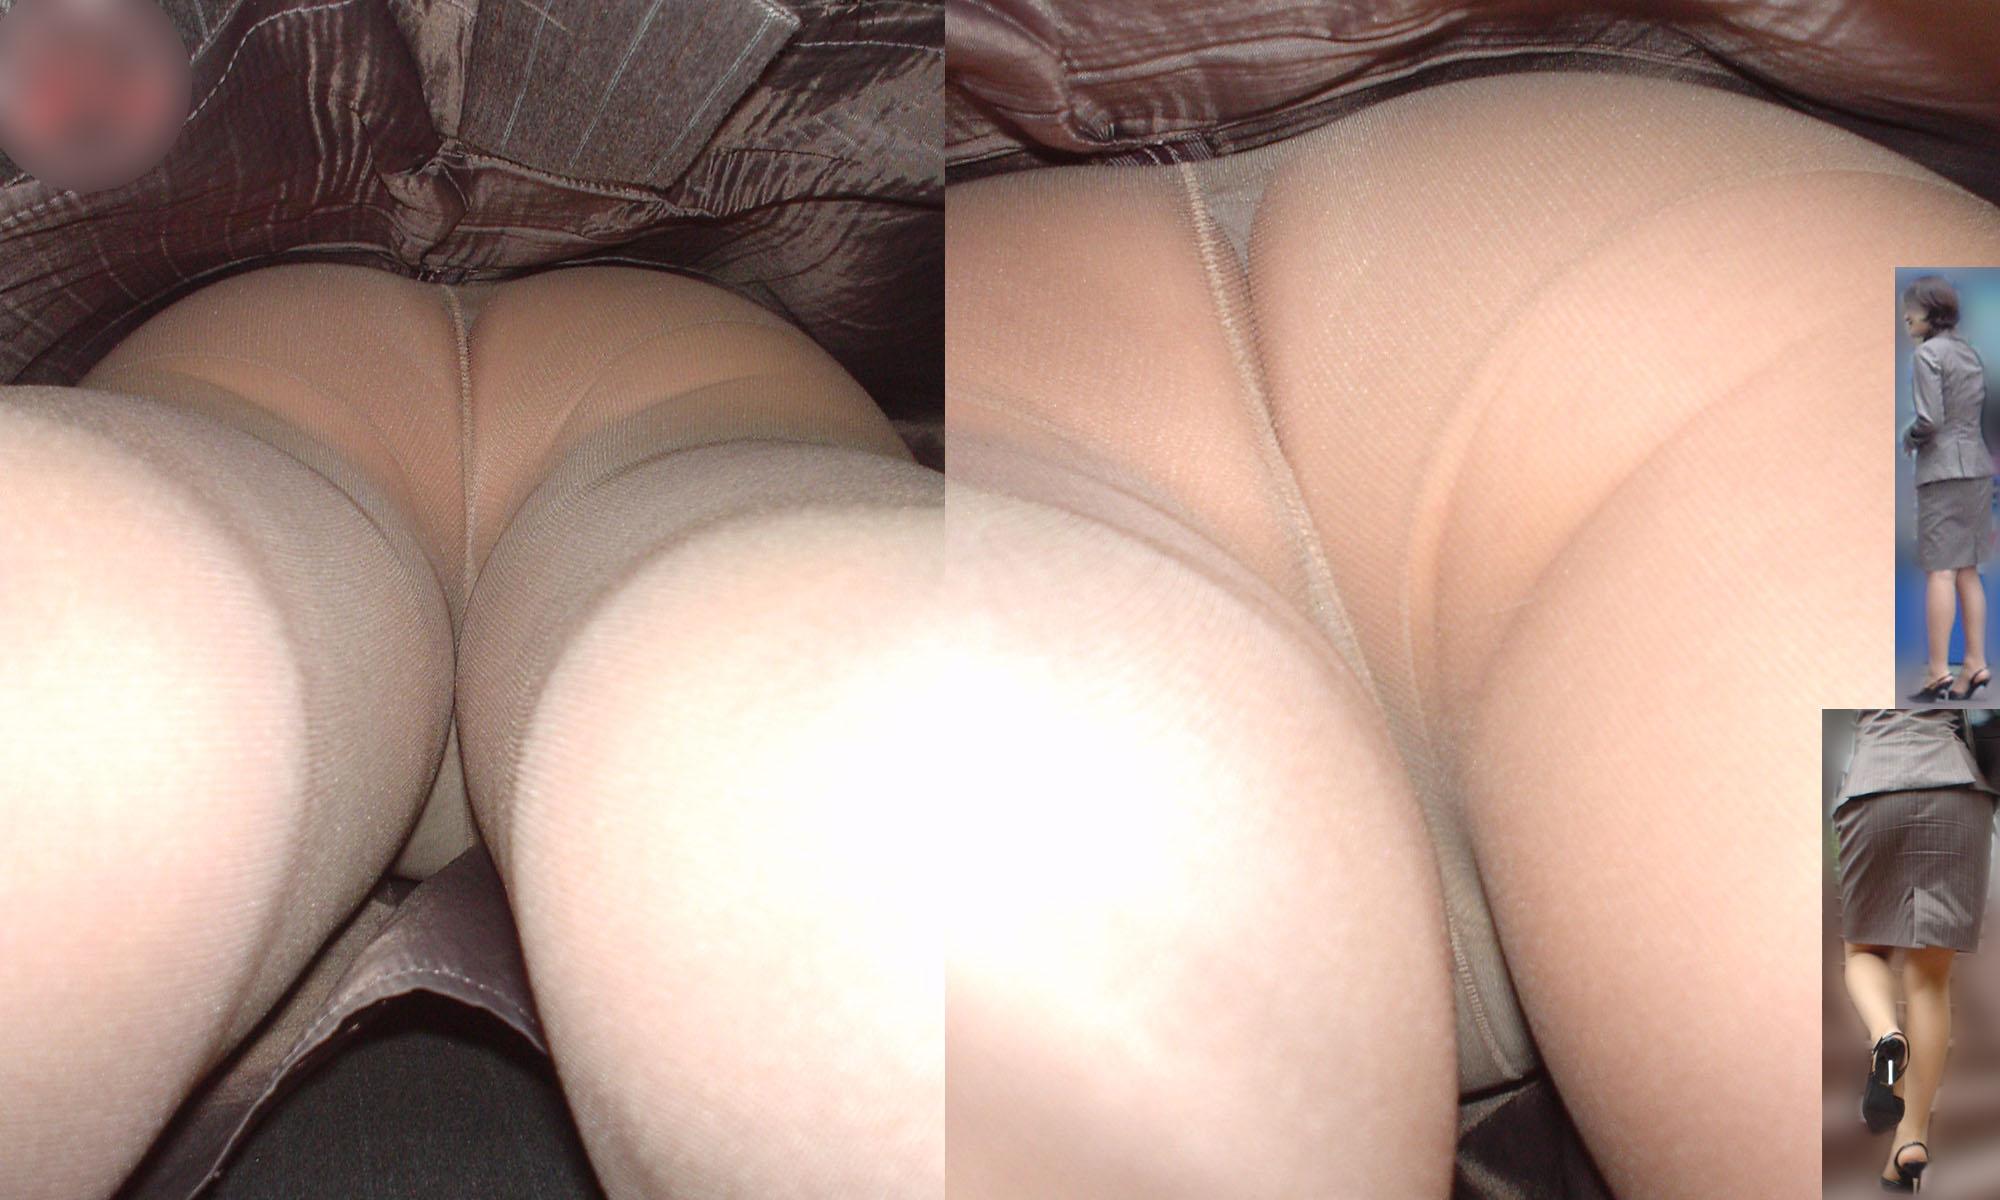 【パンチラエロ画像】下着と一緒に雌の香りもその中に…パンスト逆さ撮りwww 15